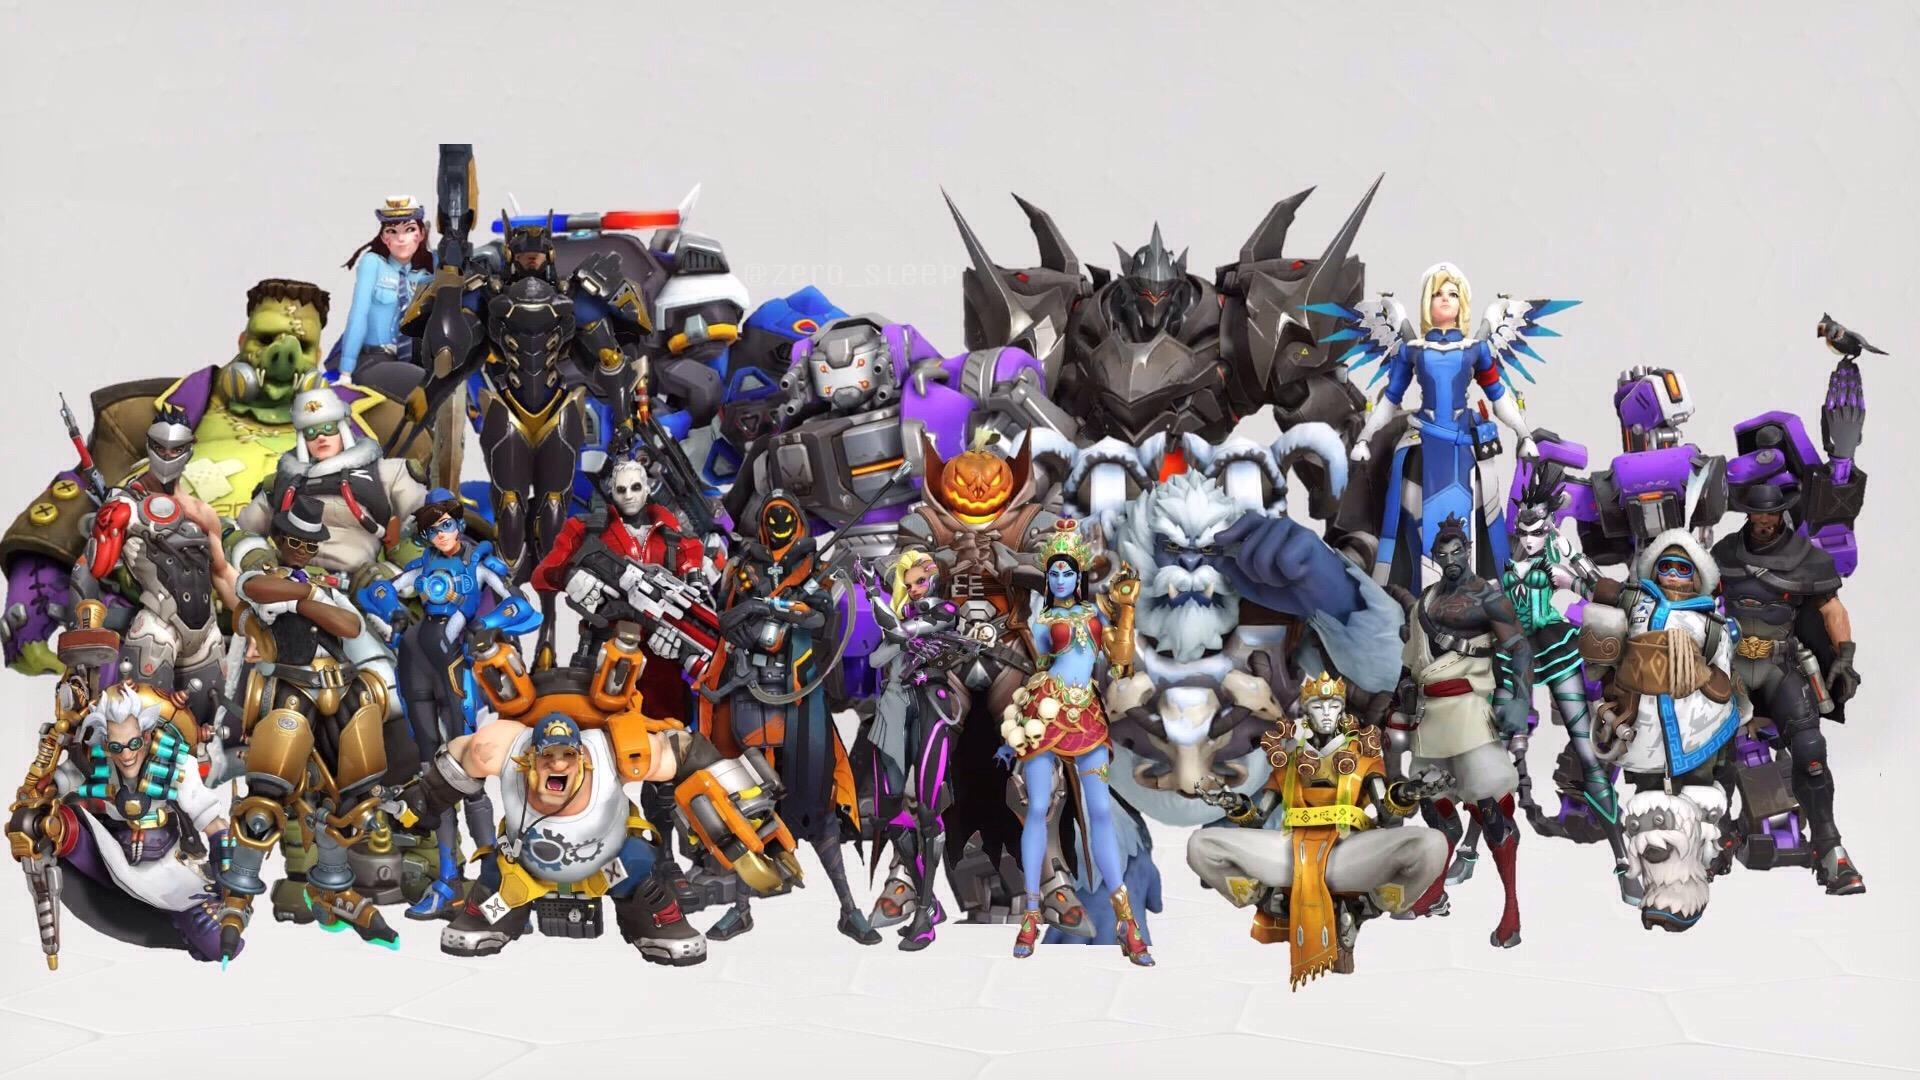 Personajes de Overwatch con distintos aspectos